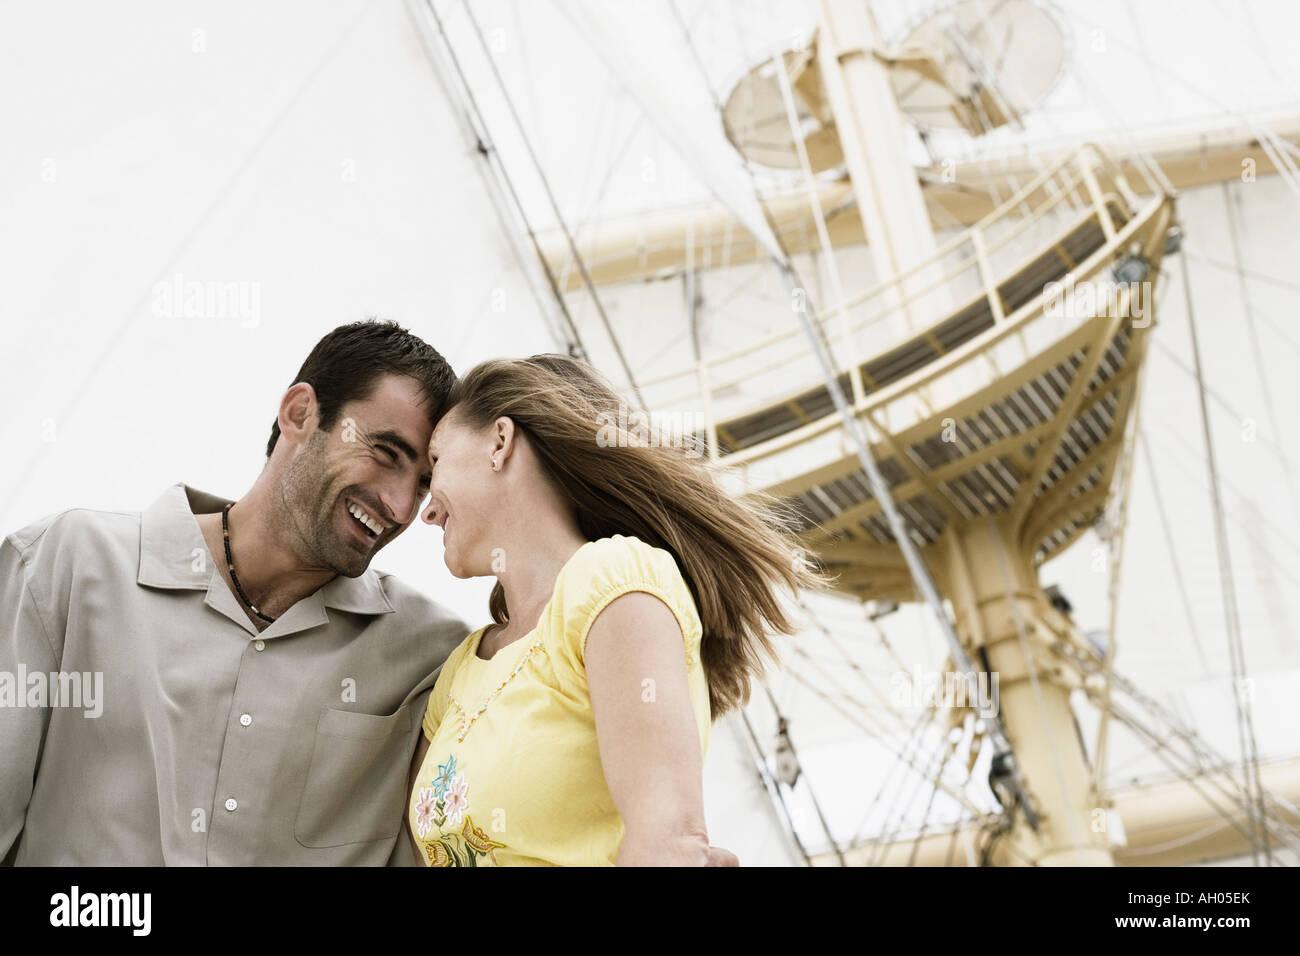 Niedrigen Winkel Ansicht von wenigen Mitte Erwachsenen auf einem Segelboot Schiff und lächelnd Stockbild